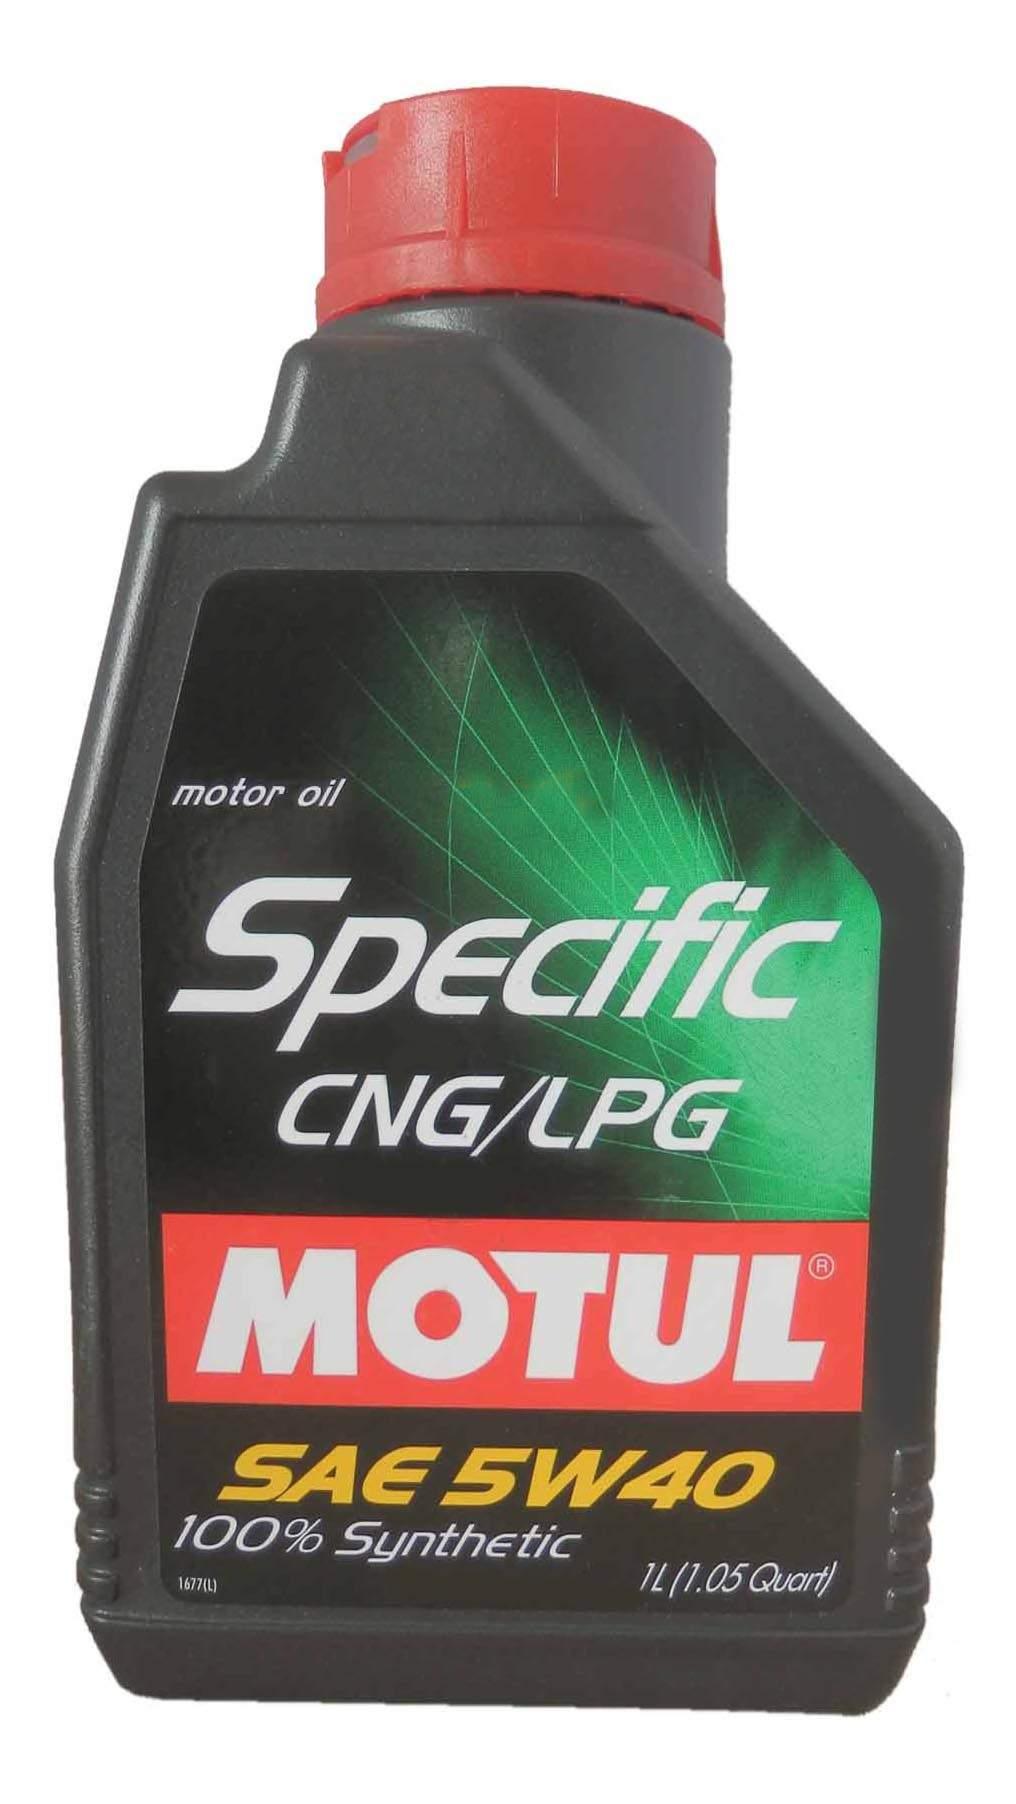 Specific CNG/LPG Motul 101717